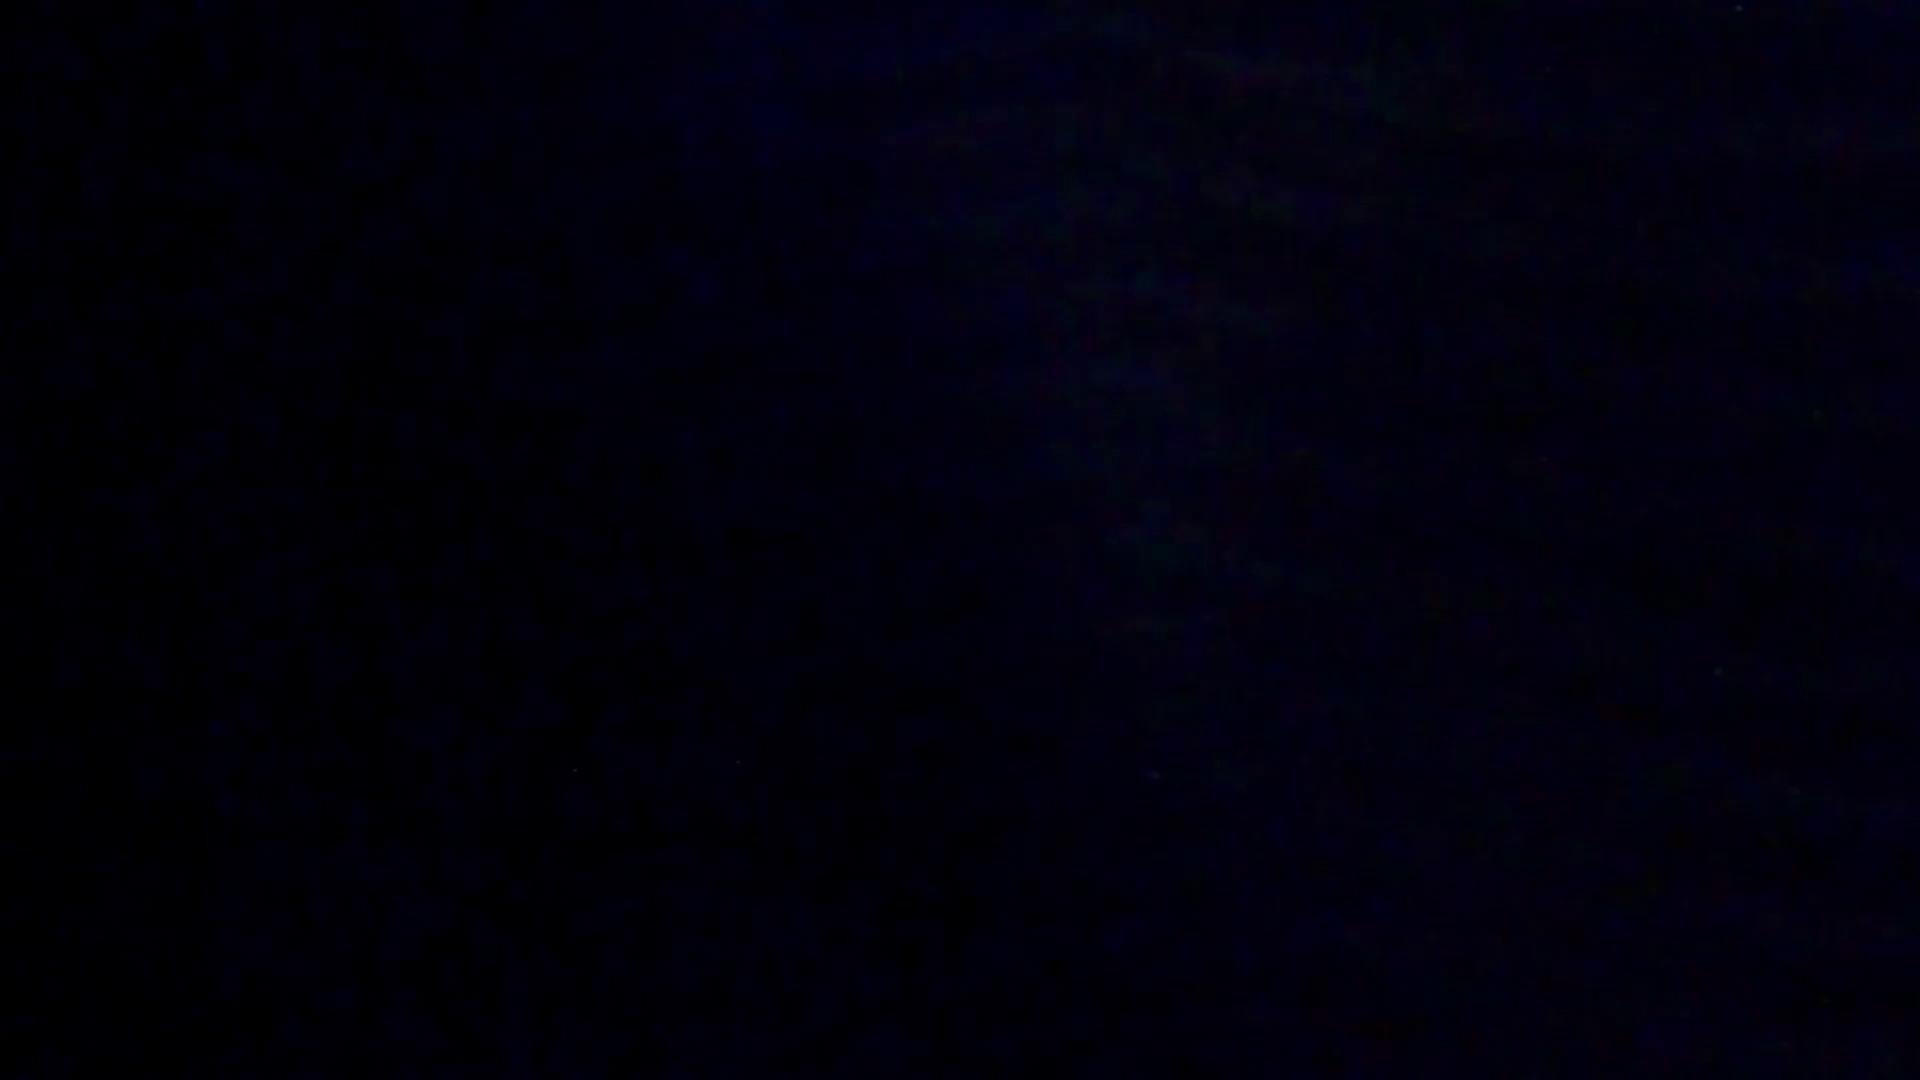 巨根 オナニー塾Vol.16 オナニー アダルトビデオ画像キャプチャ 106枚 34